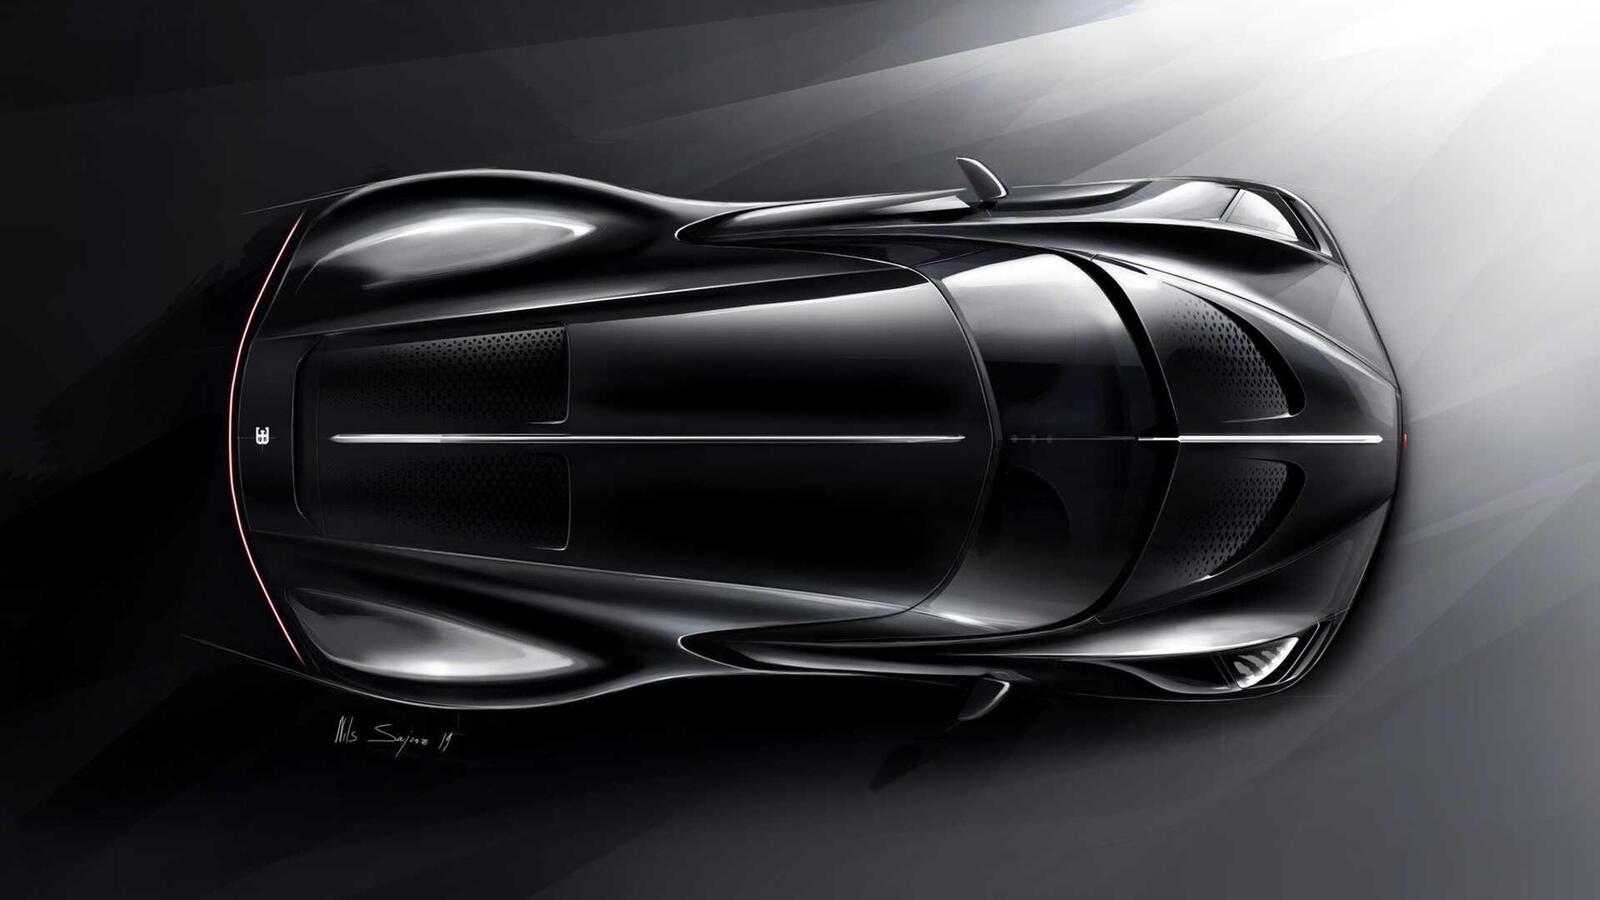 [GMS2019] Siêu phẩm Bugatti La Voatio Noire ra mắt: Chỉ một chiếc được sản xuất; giá hơn 259 tỷ đồng - Hình 10